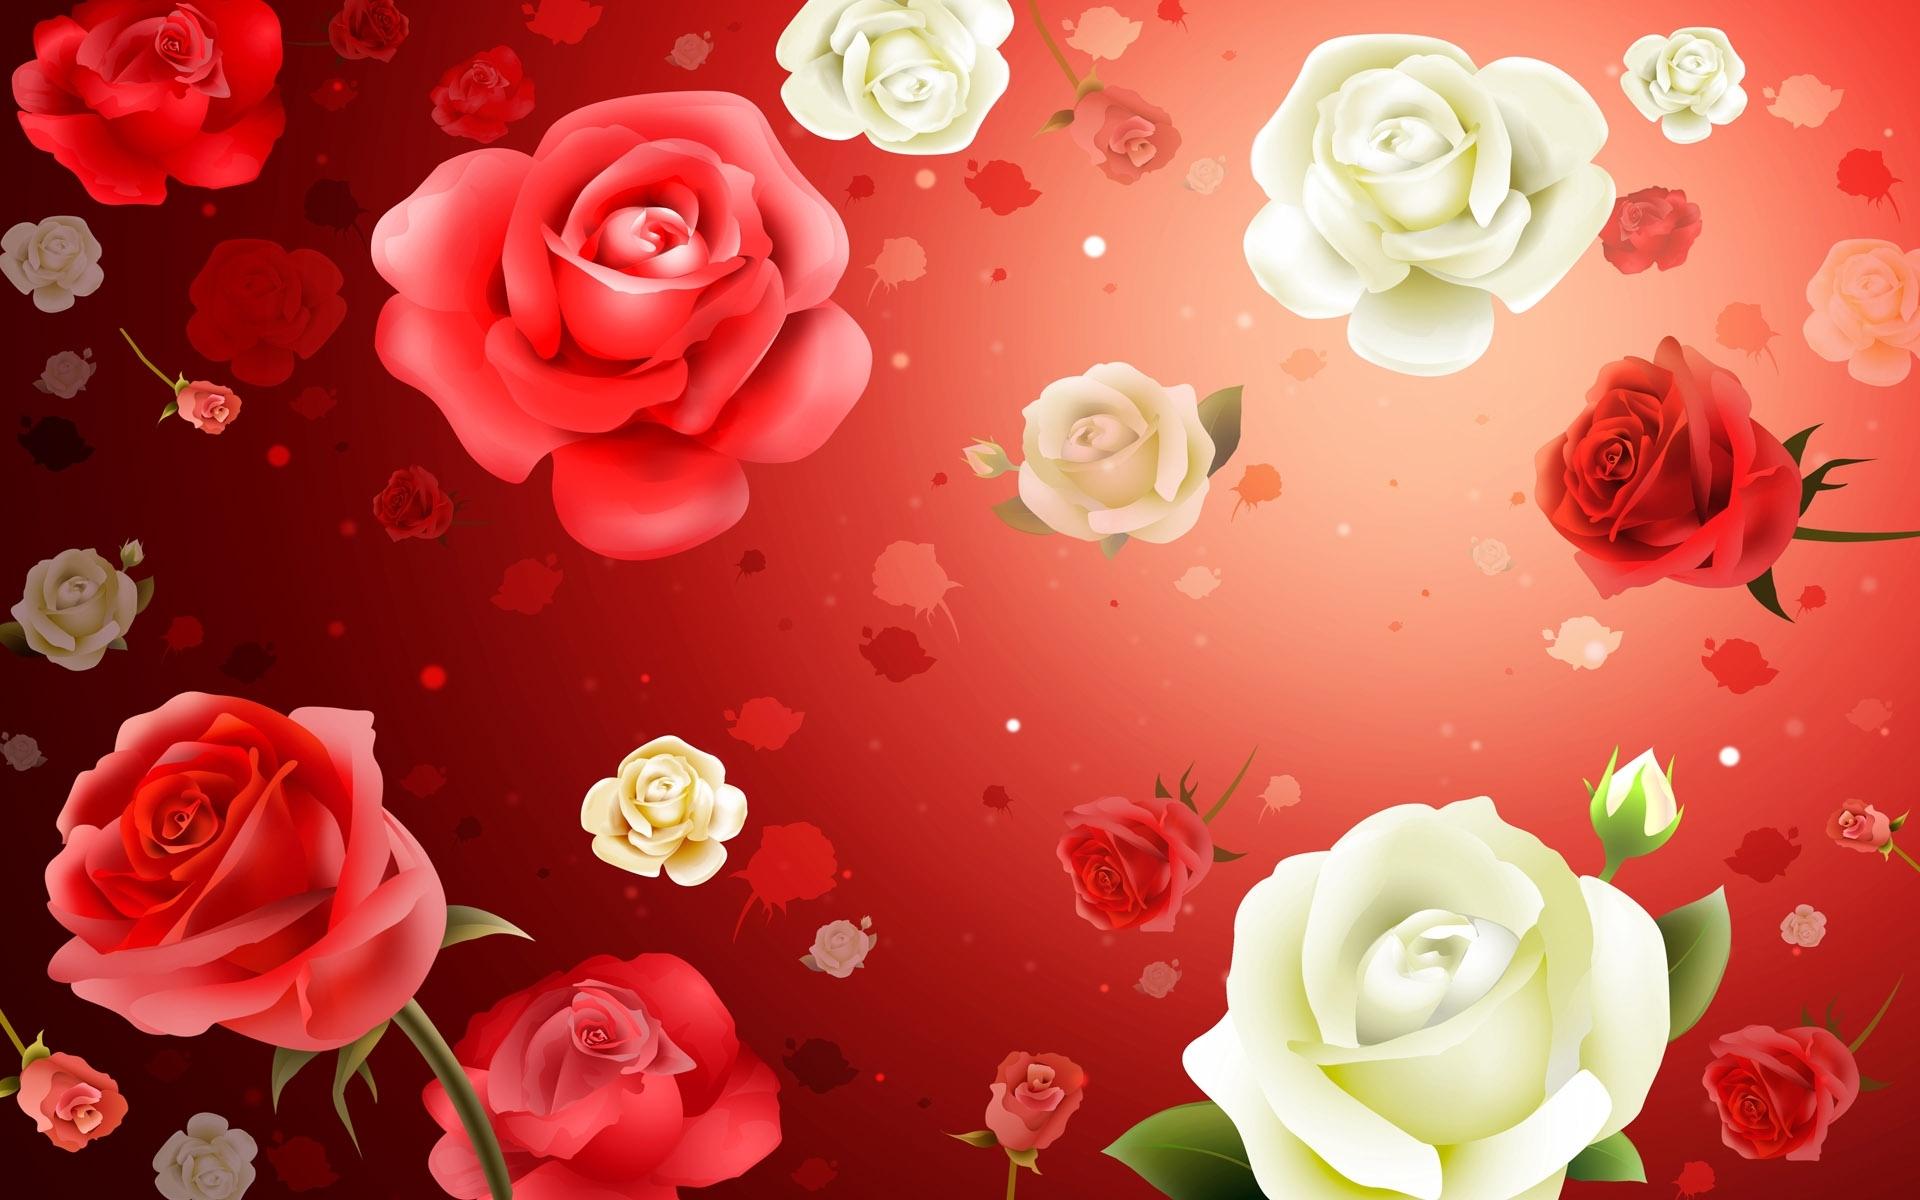 Handy-Wallpaper Pflanzen, Blumen, Hintergrund, Roses kostenlos herunterladen.